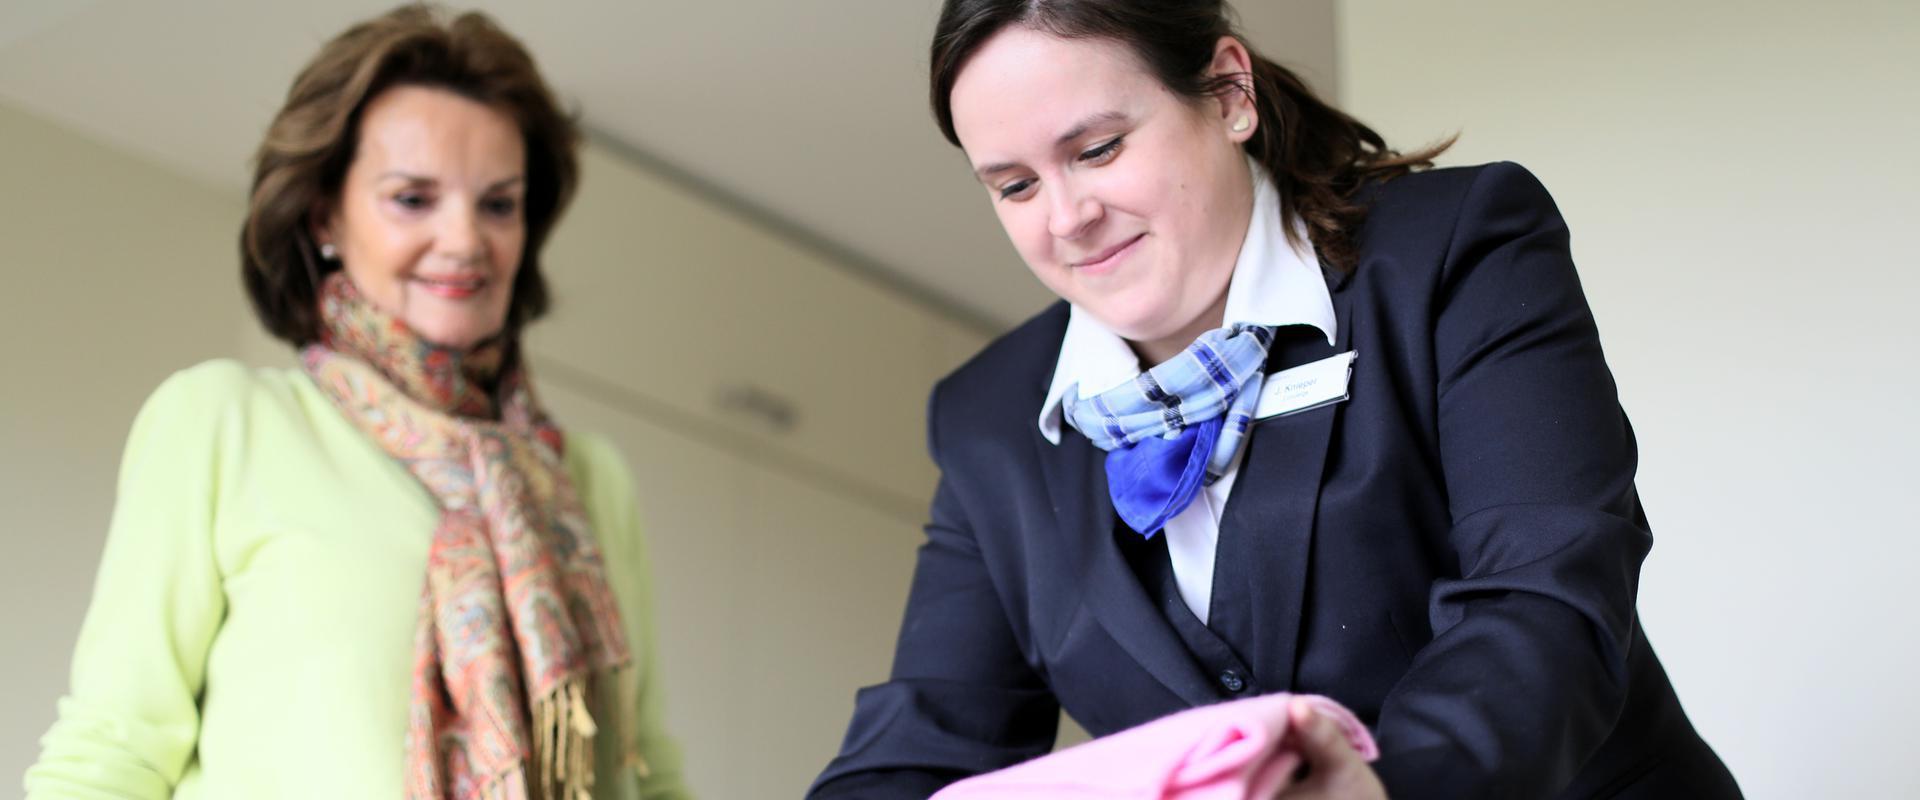 Klinikmitarbeiterin macht etwas für eine Patientin in der MEDIAN Klinik Bad Sülze